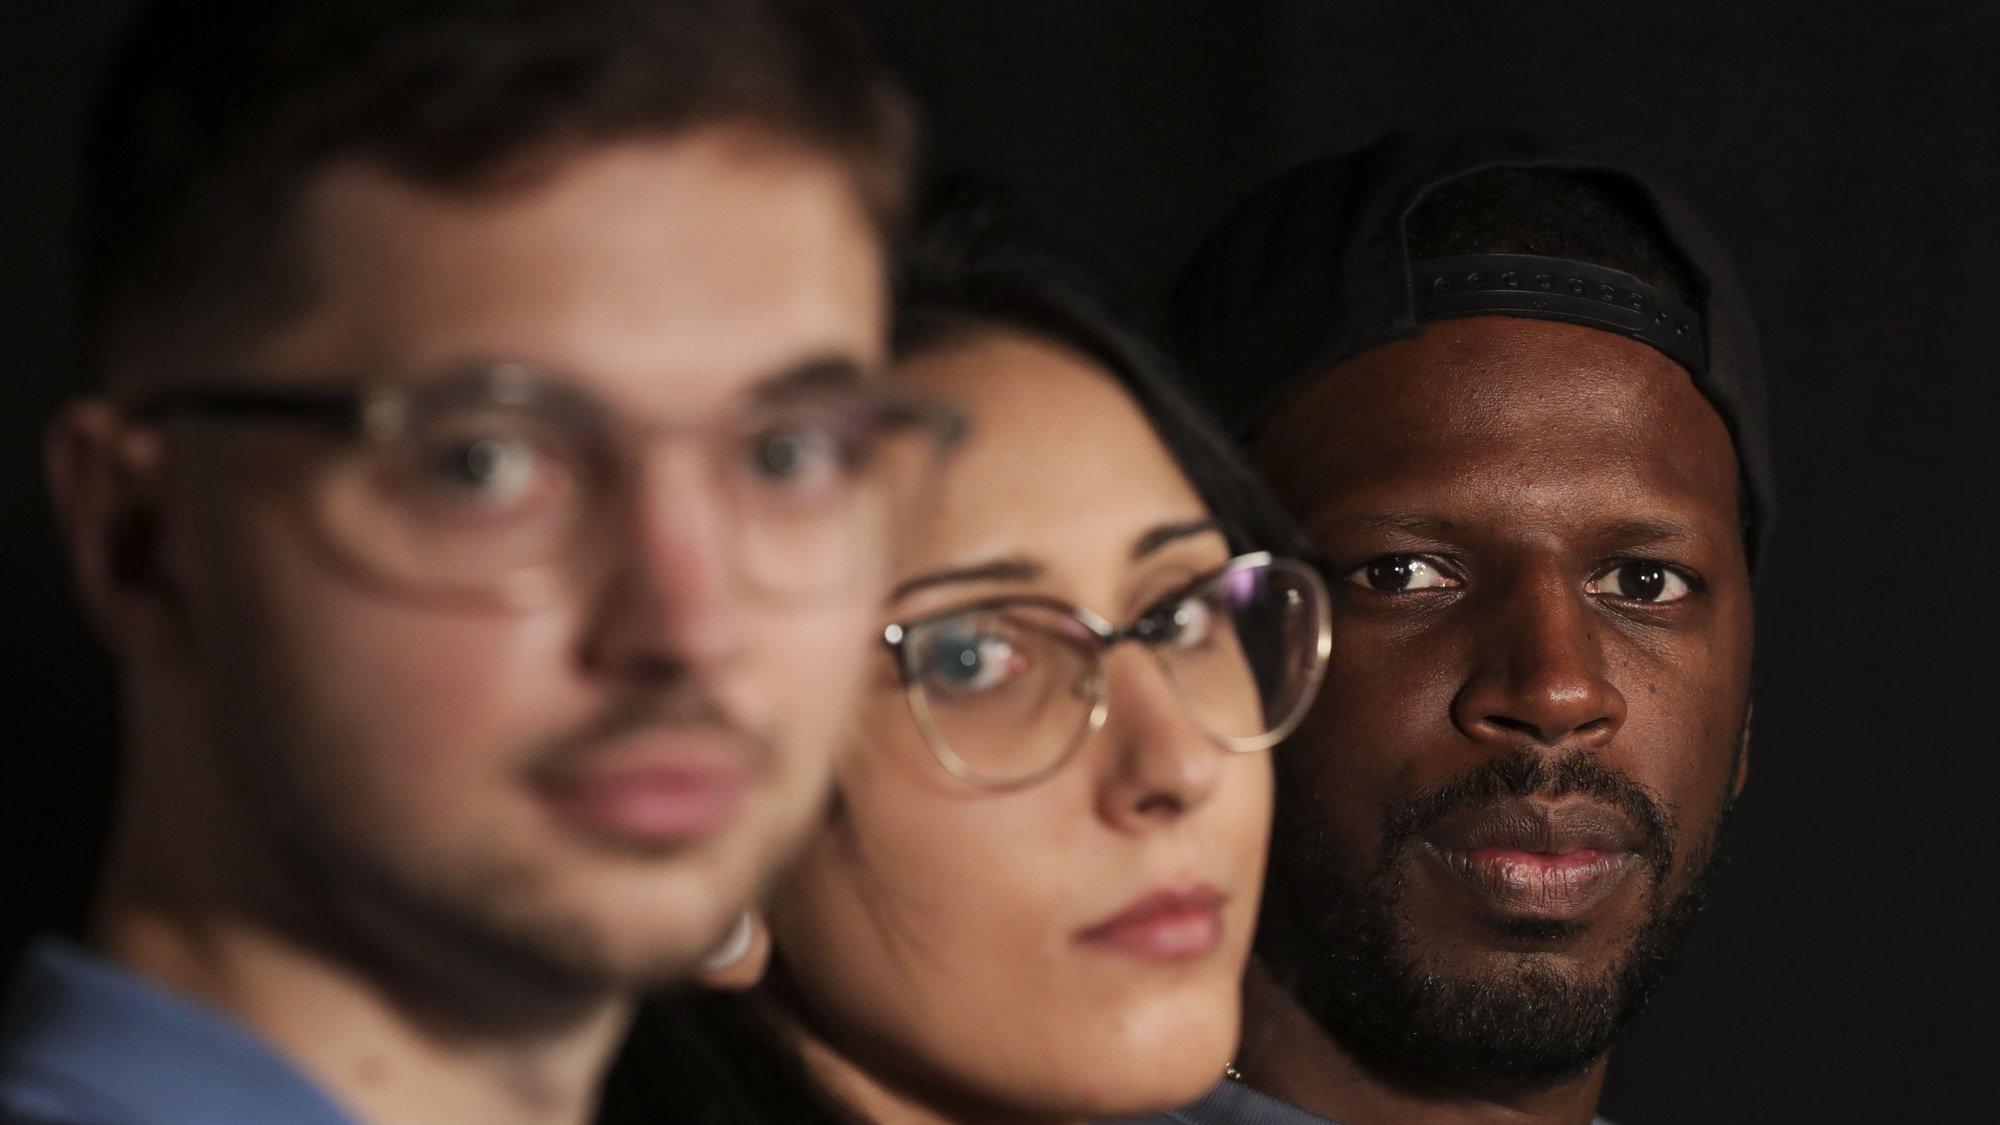 Entrevista com o cantor Dino D'Santiago (D), o DJ e produtor Holly (E) e a artista visual Daniela Guerreiro (C)